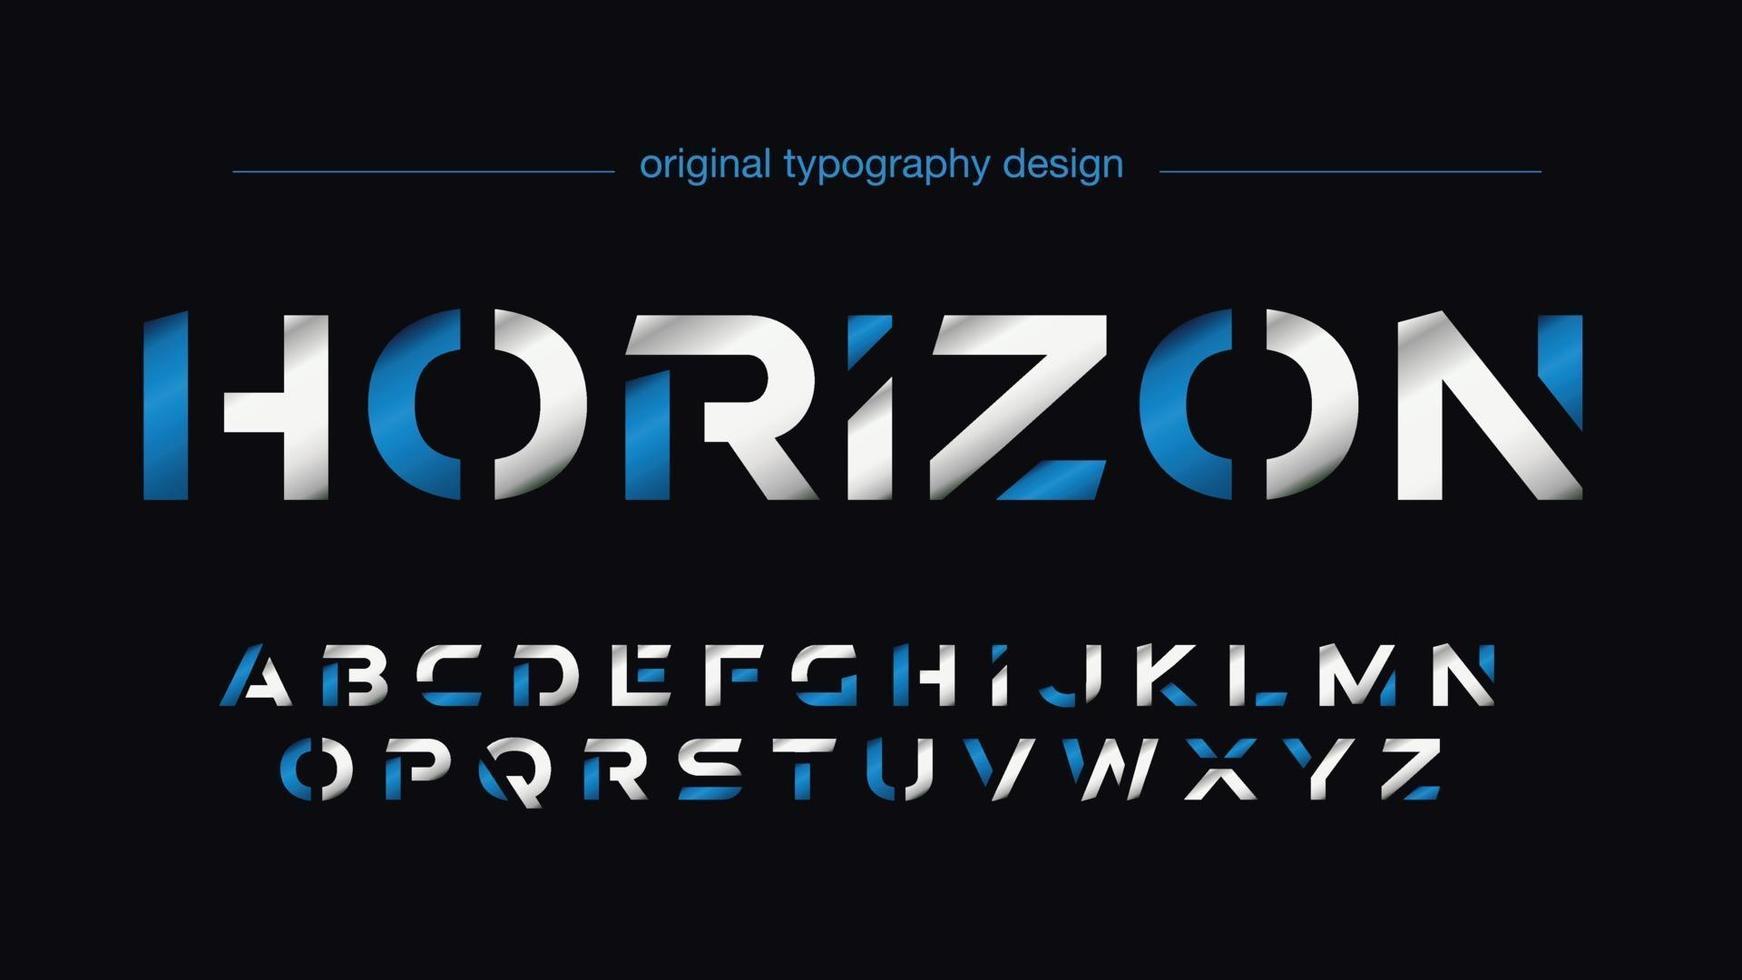 tipografia de esportes futuristas fatiados em azul e prata vetor